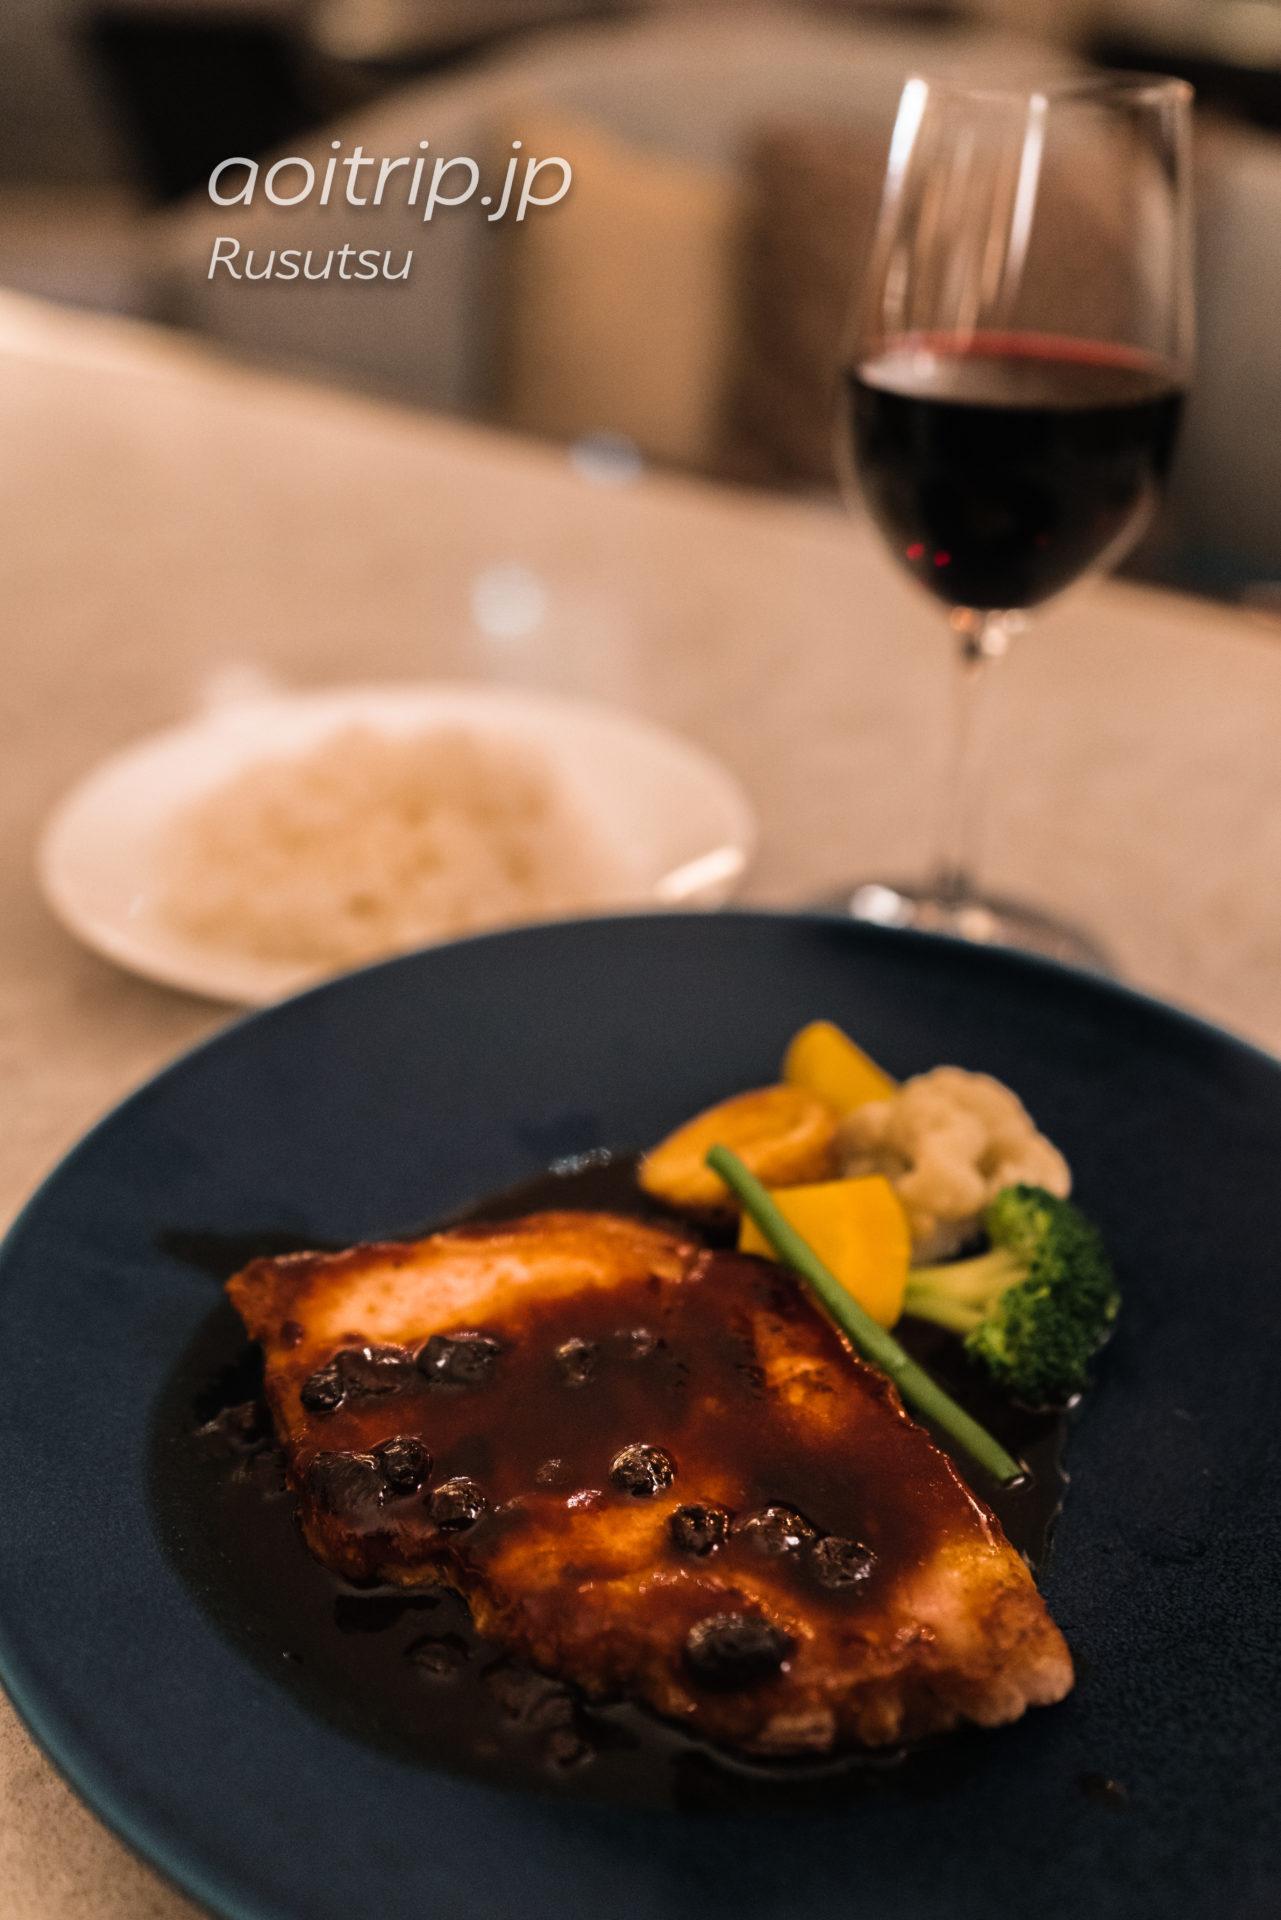 ウェスティンルスツリゾートのアトリウムの夕食 ルスツ高原ポークソテー 北海道ハスカップソース